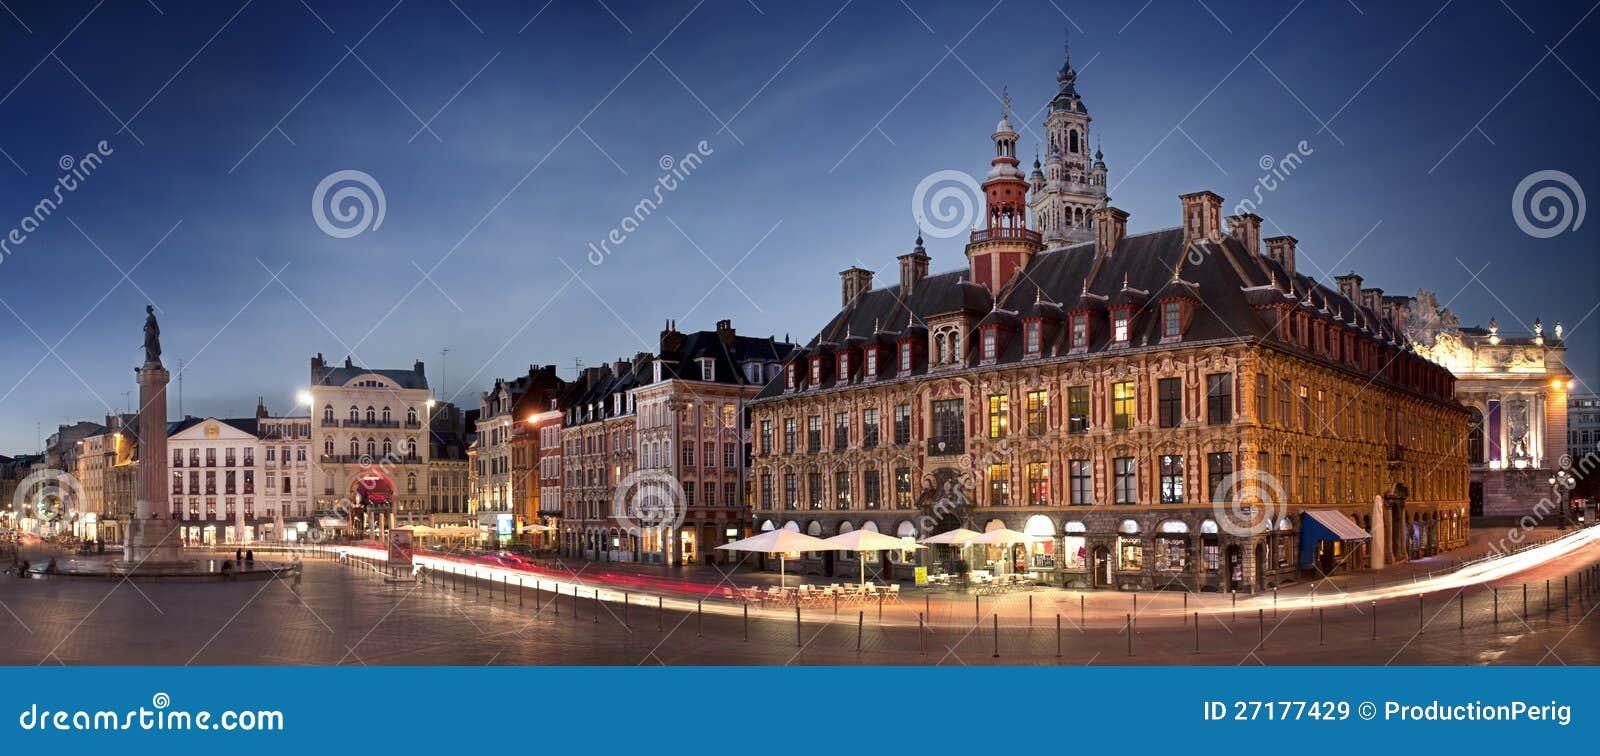 Quadrato principale di Lille, Francia